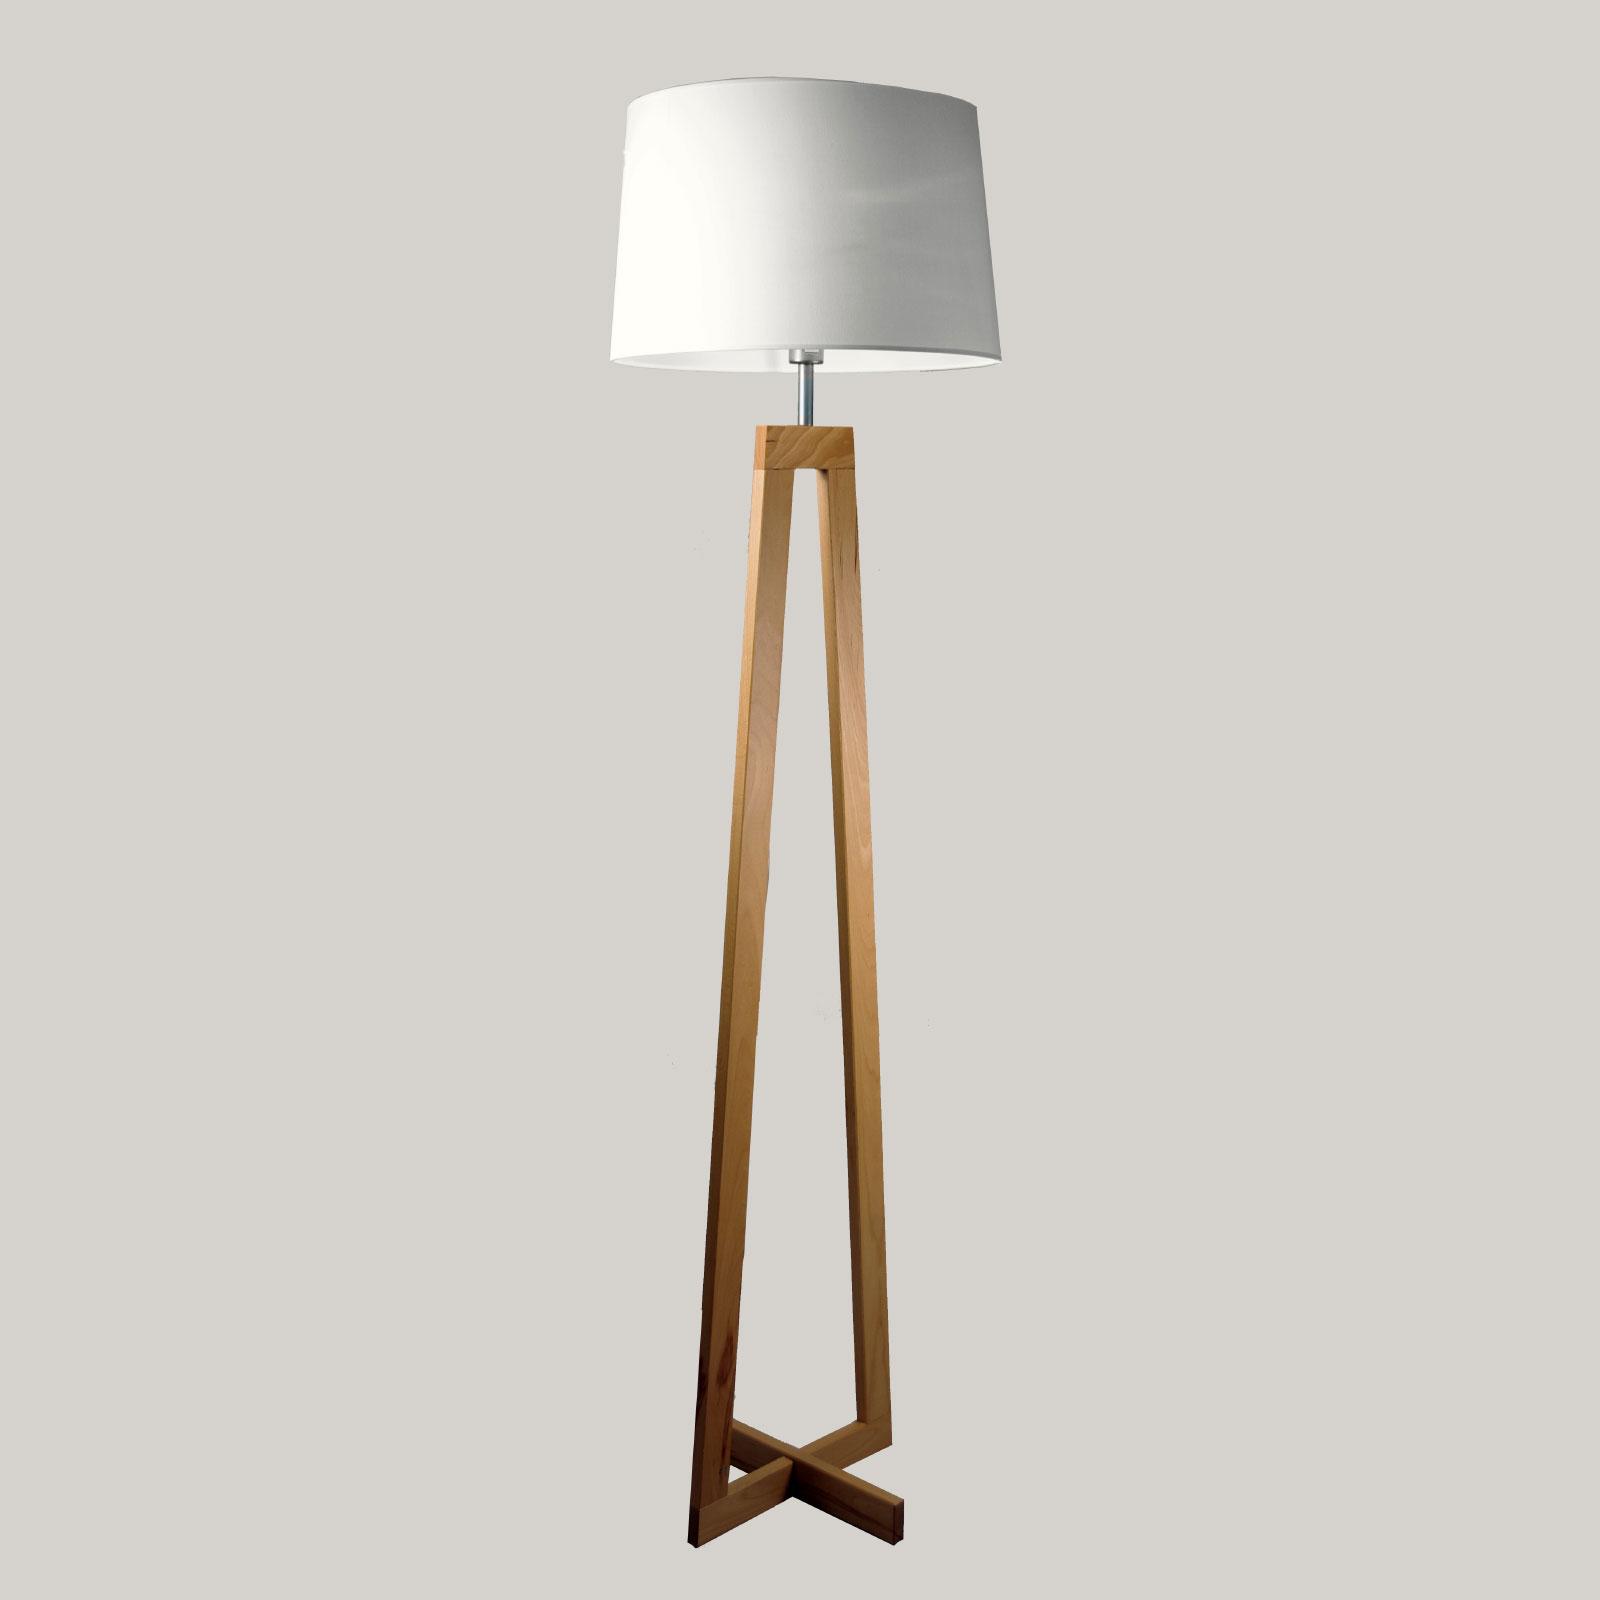 Vloerlamp Sacha LS van hout en textiel, wit